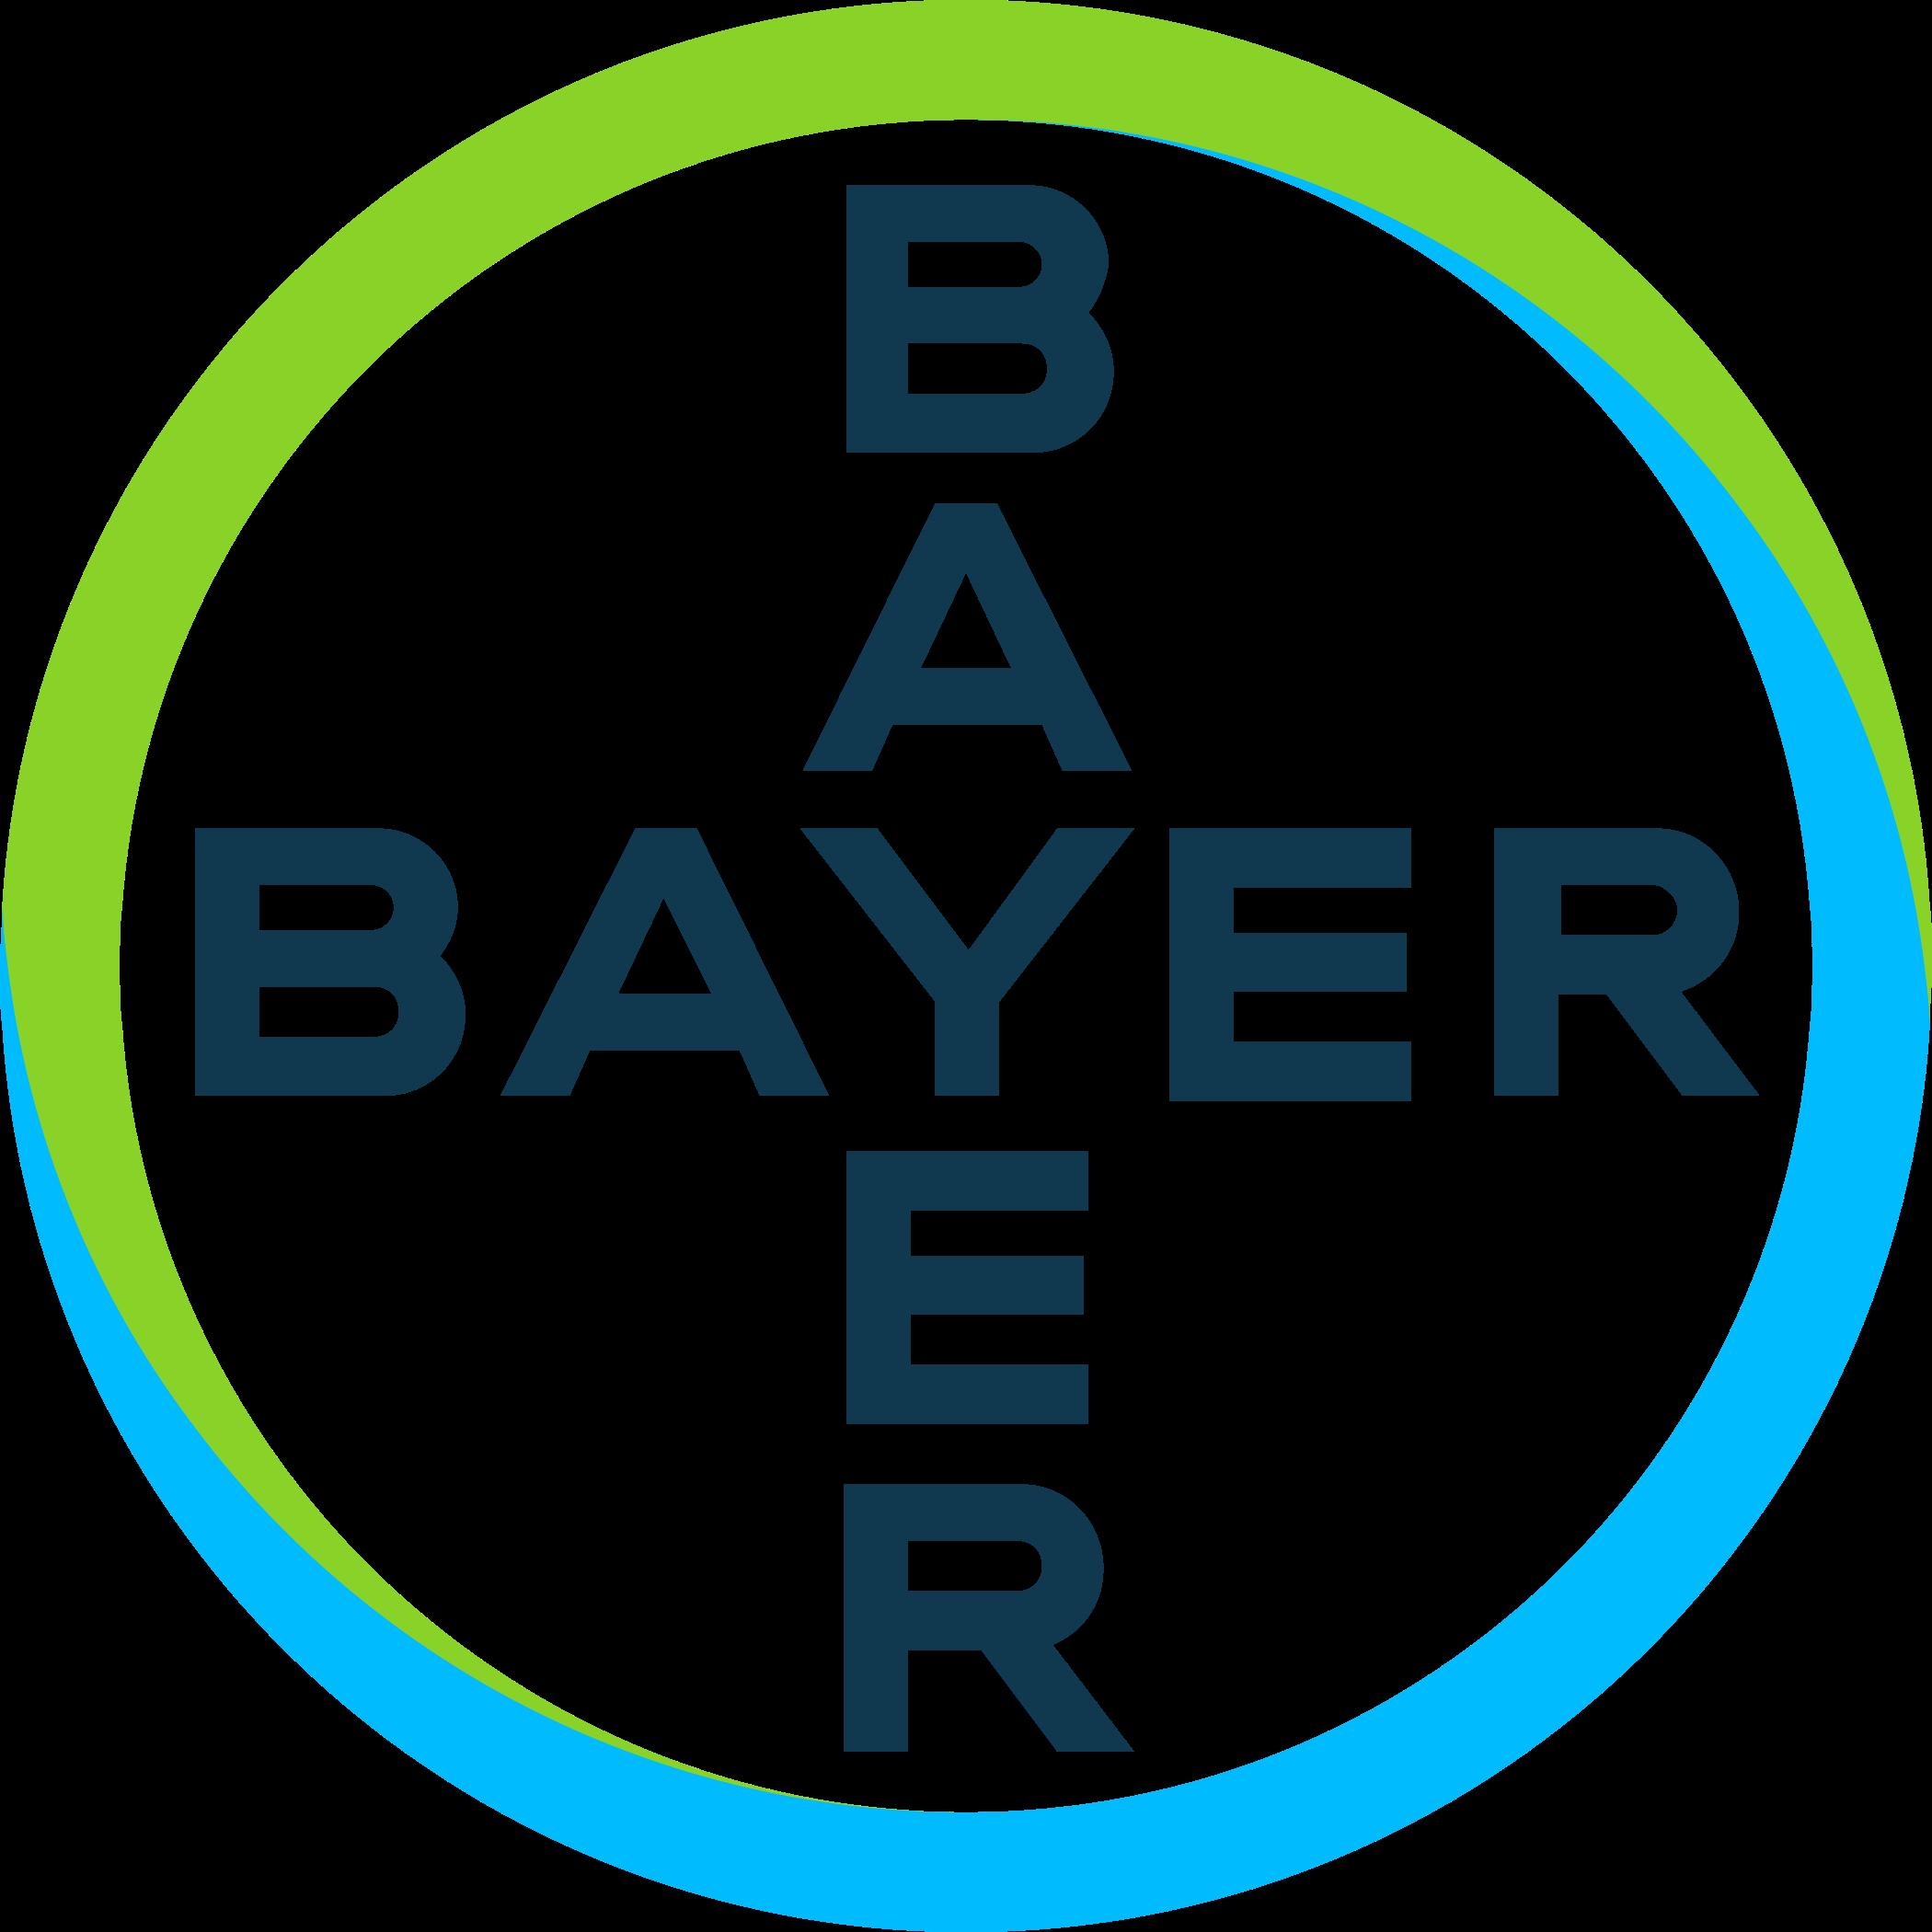 bayer logo 1 1 - Bayer Logo